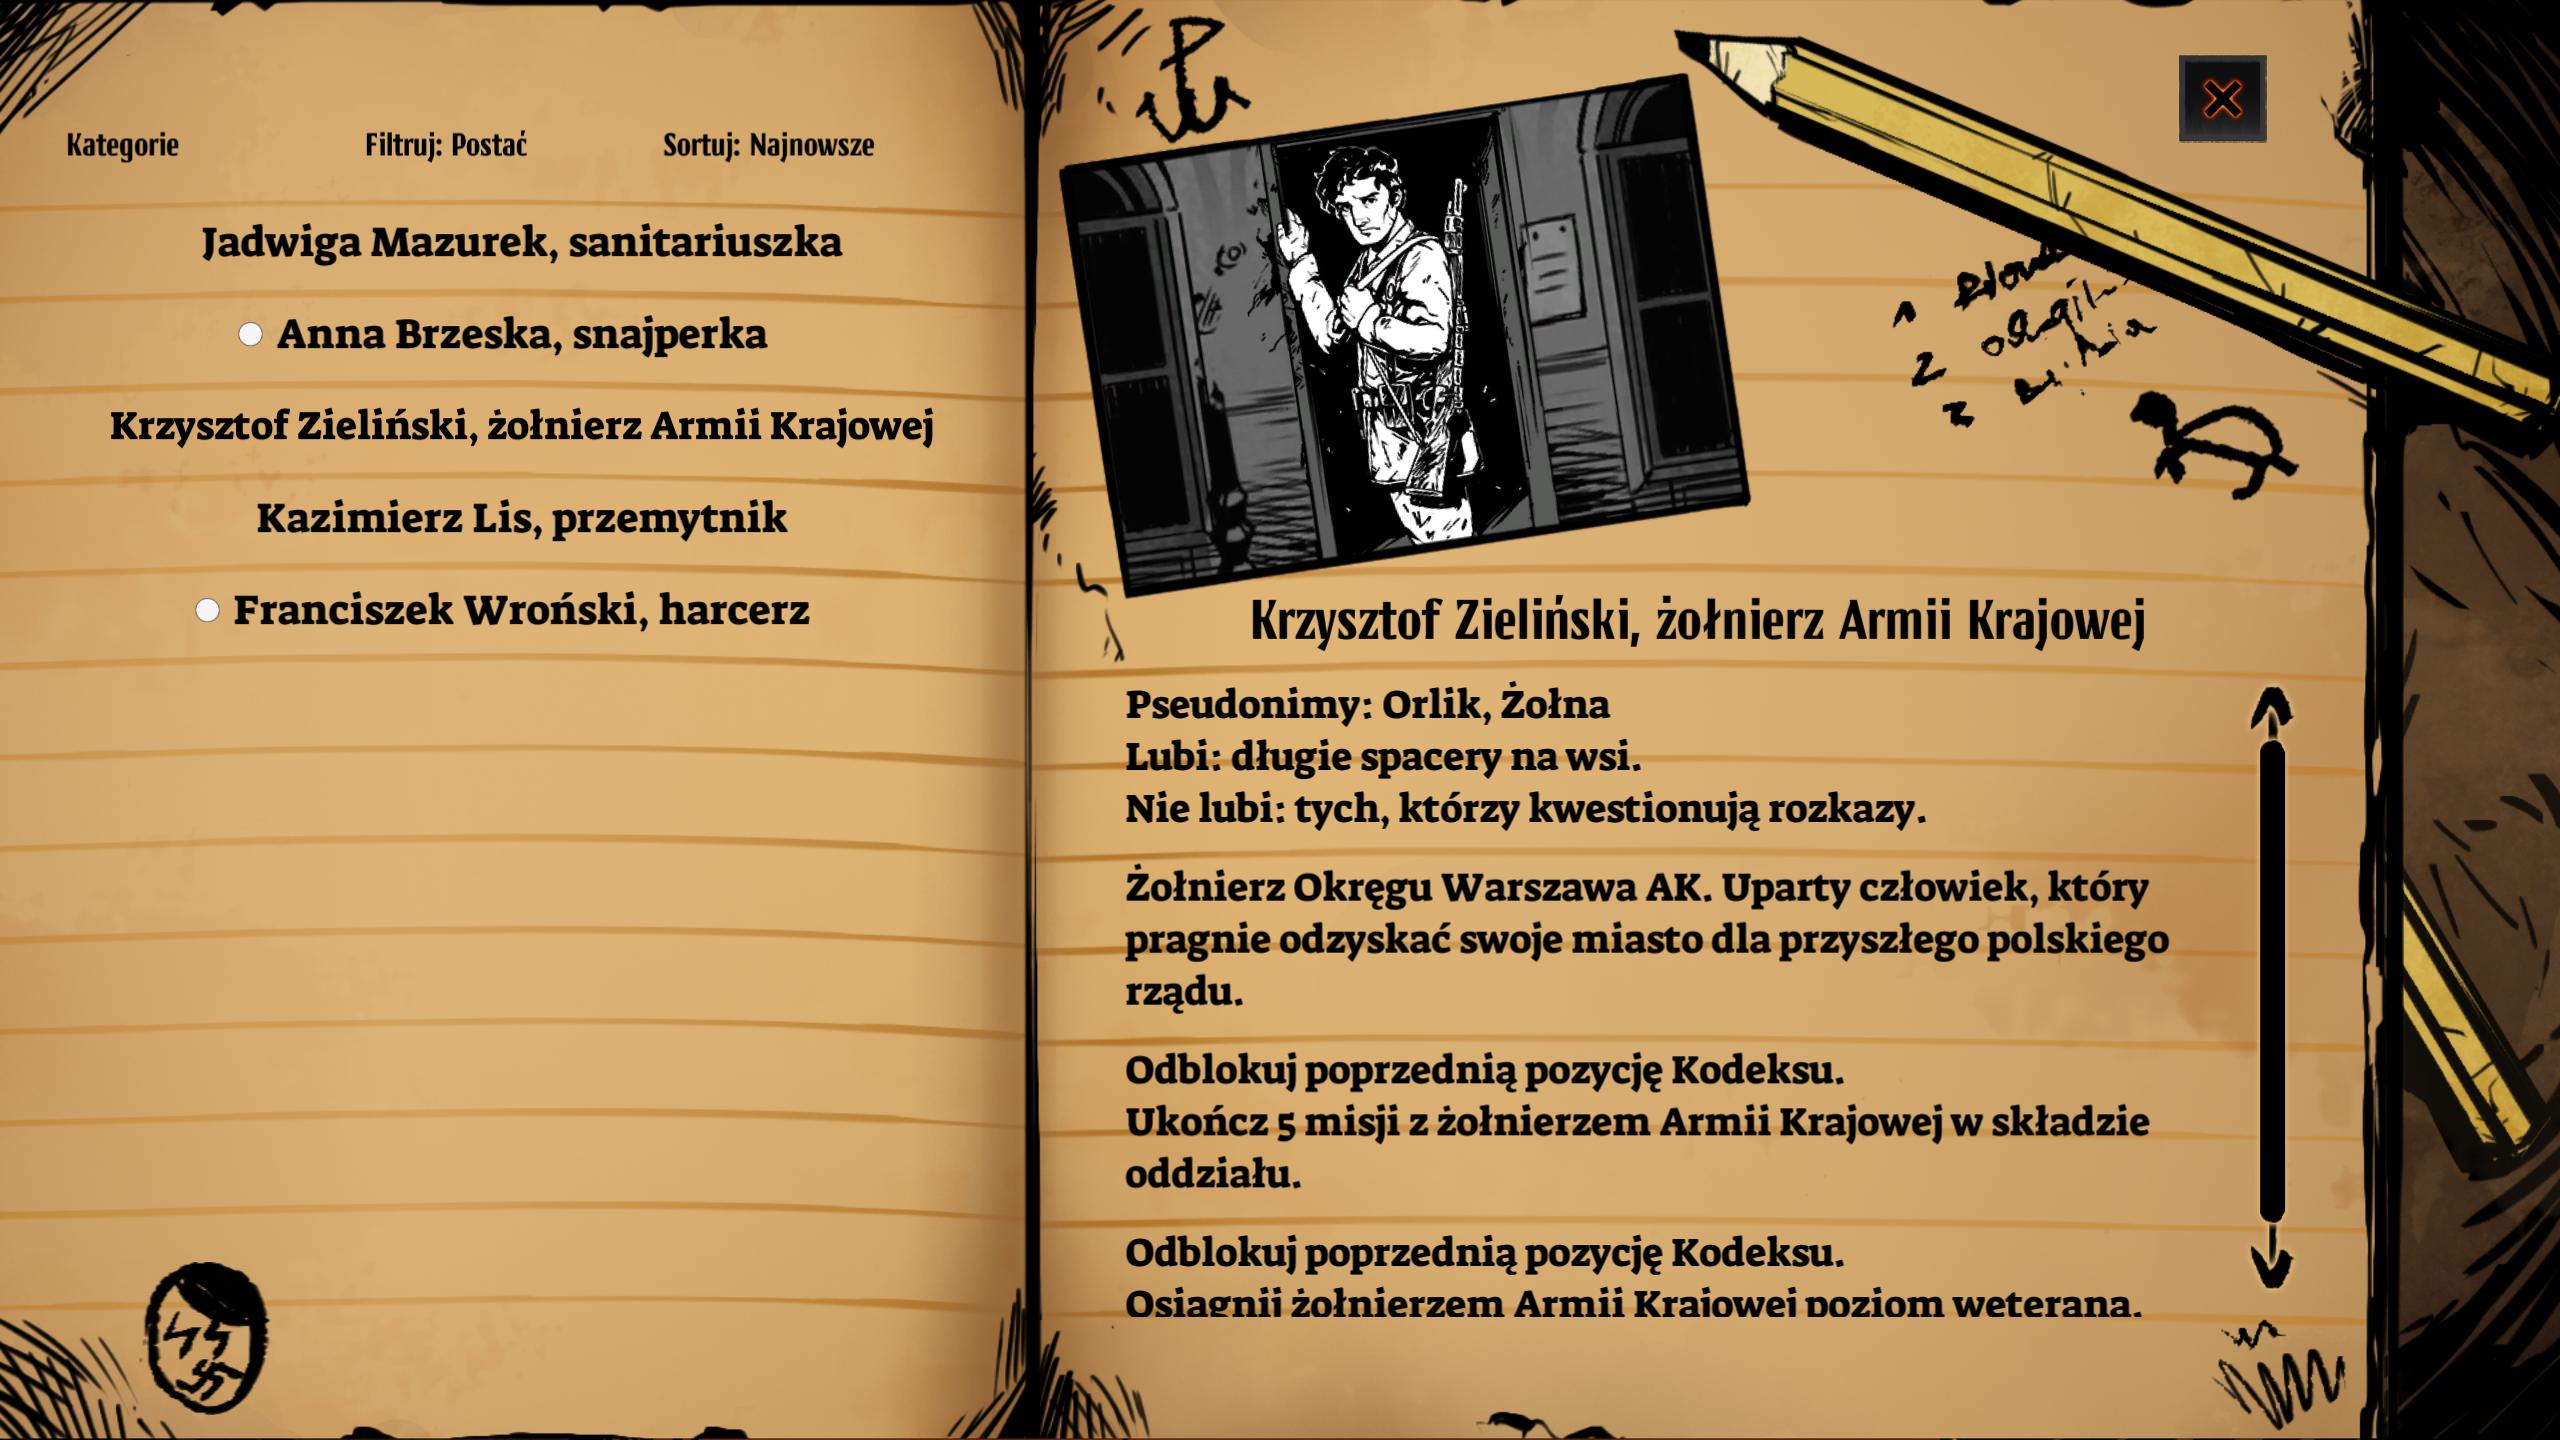 Recenzja gry Warsaw. Czy polska gra ma szansę podbić świat? 17